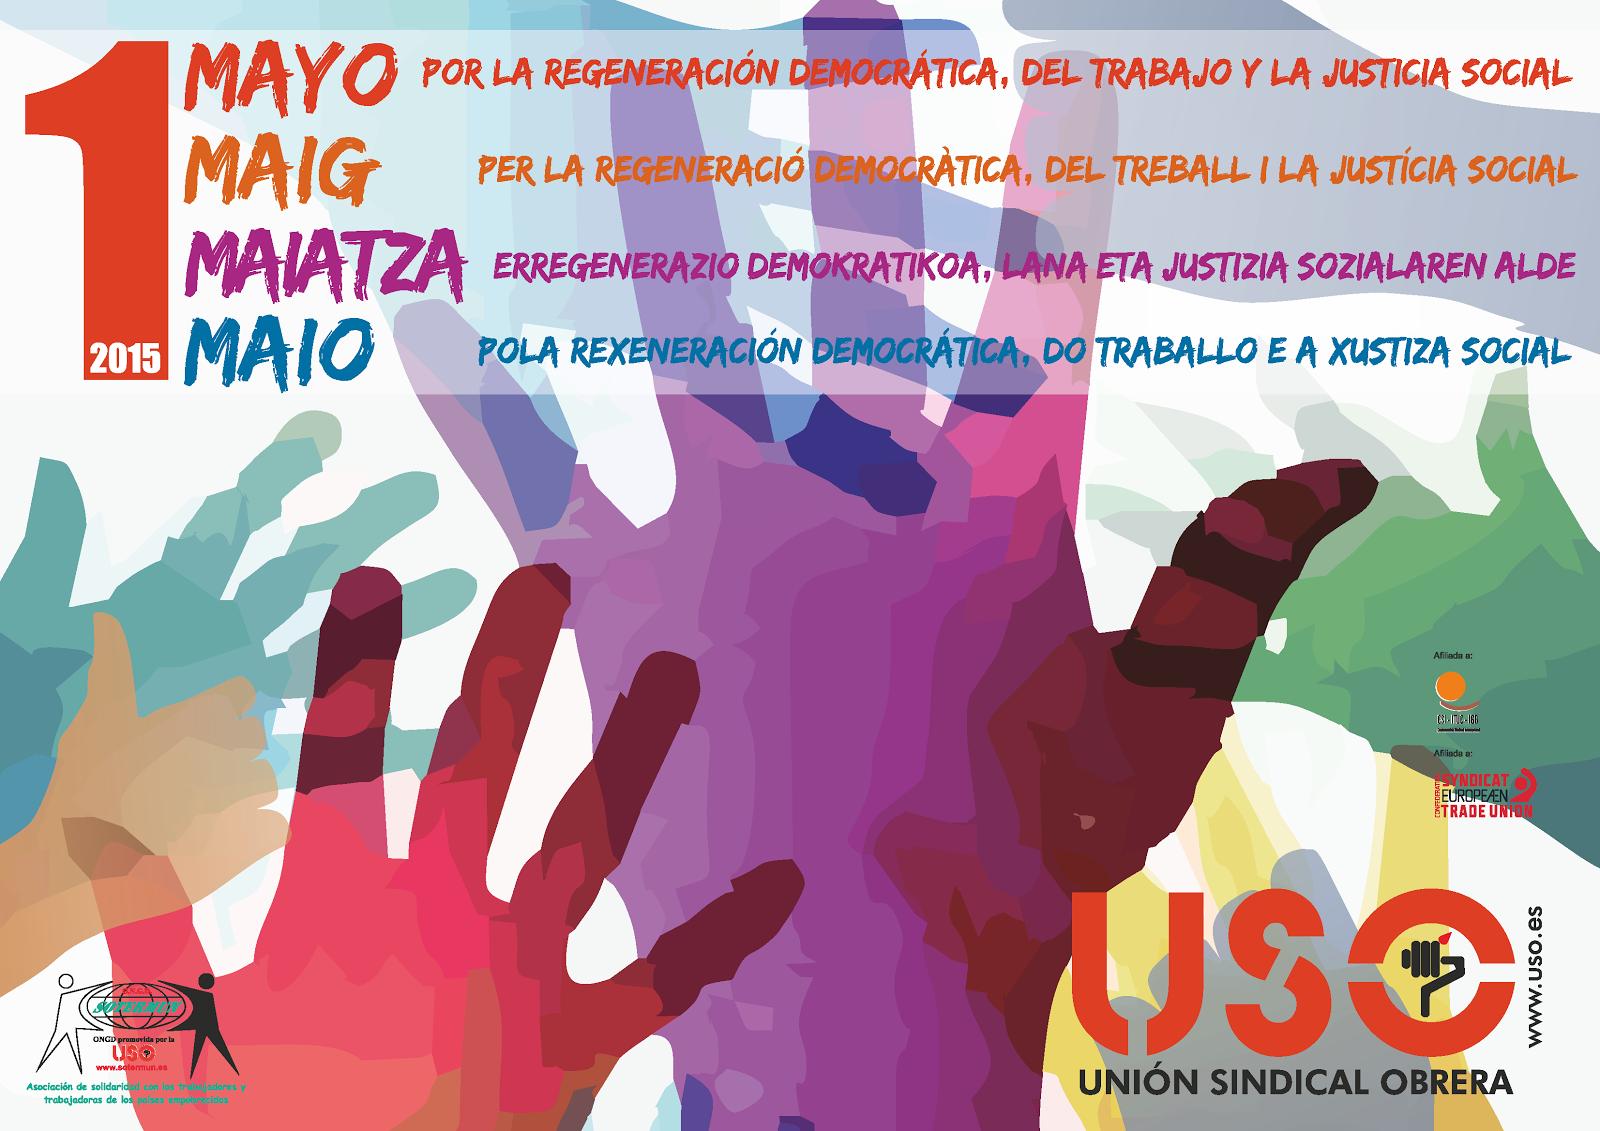 1º Mayo Por la Regeneración democrática, del trabajo y la justicia social.